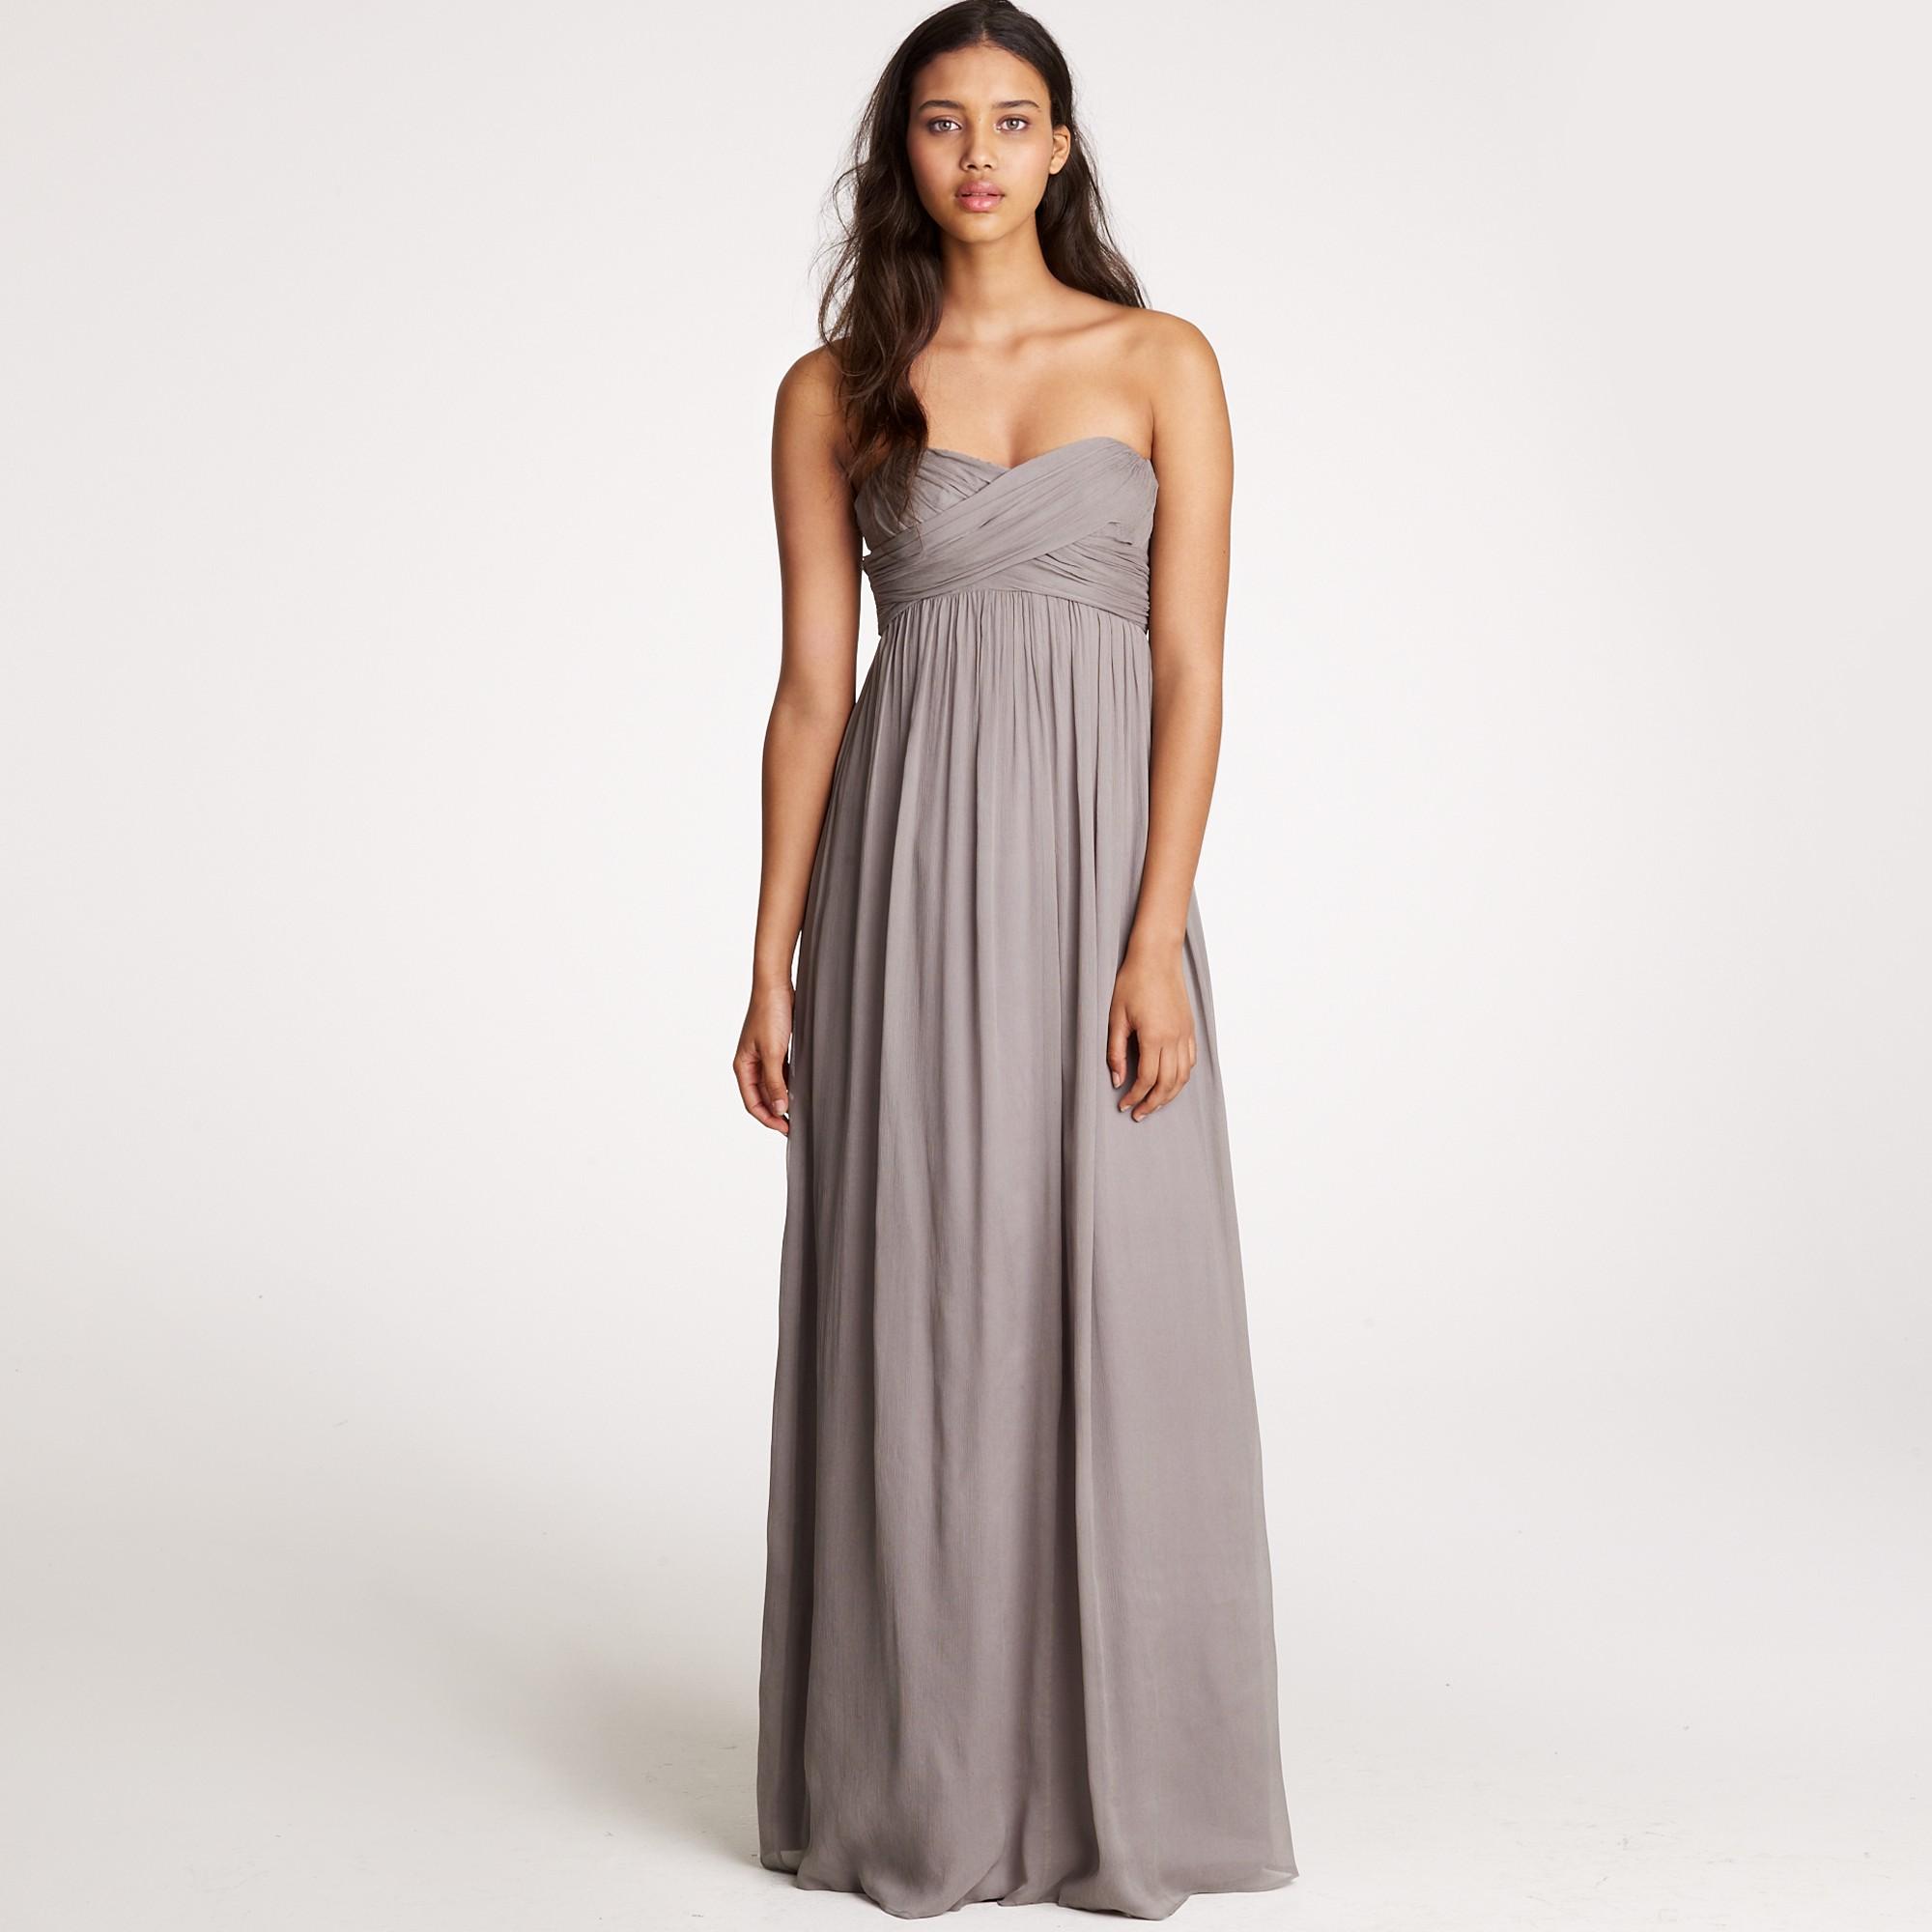 ec373872d788c J.Crew Taryn Long Dress in Silk Chiffon in Gray - Lyst